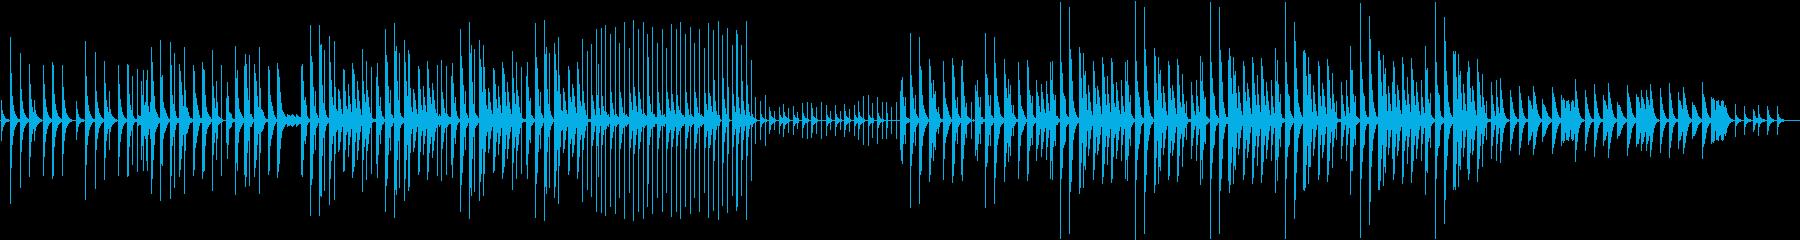 ステレオL Rで楽しめるリズムの再生済みの波形